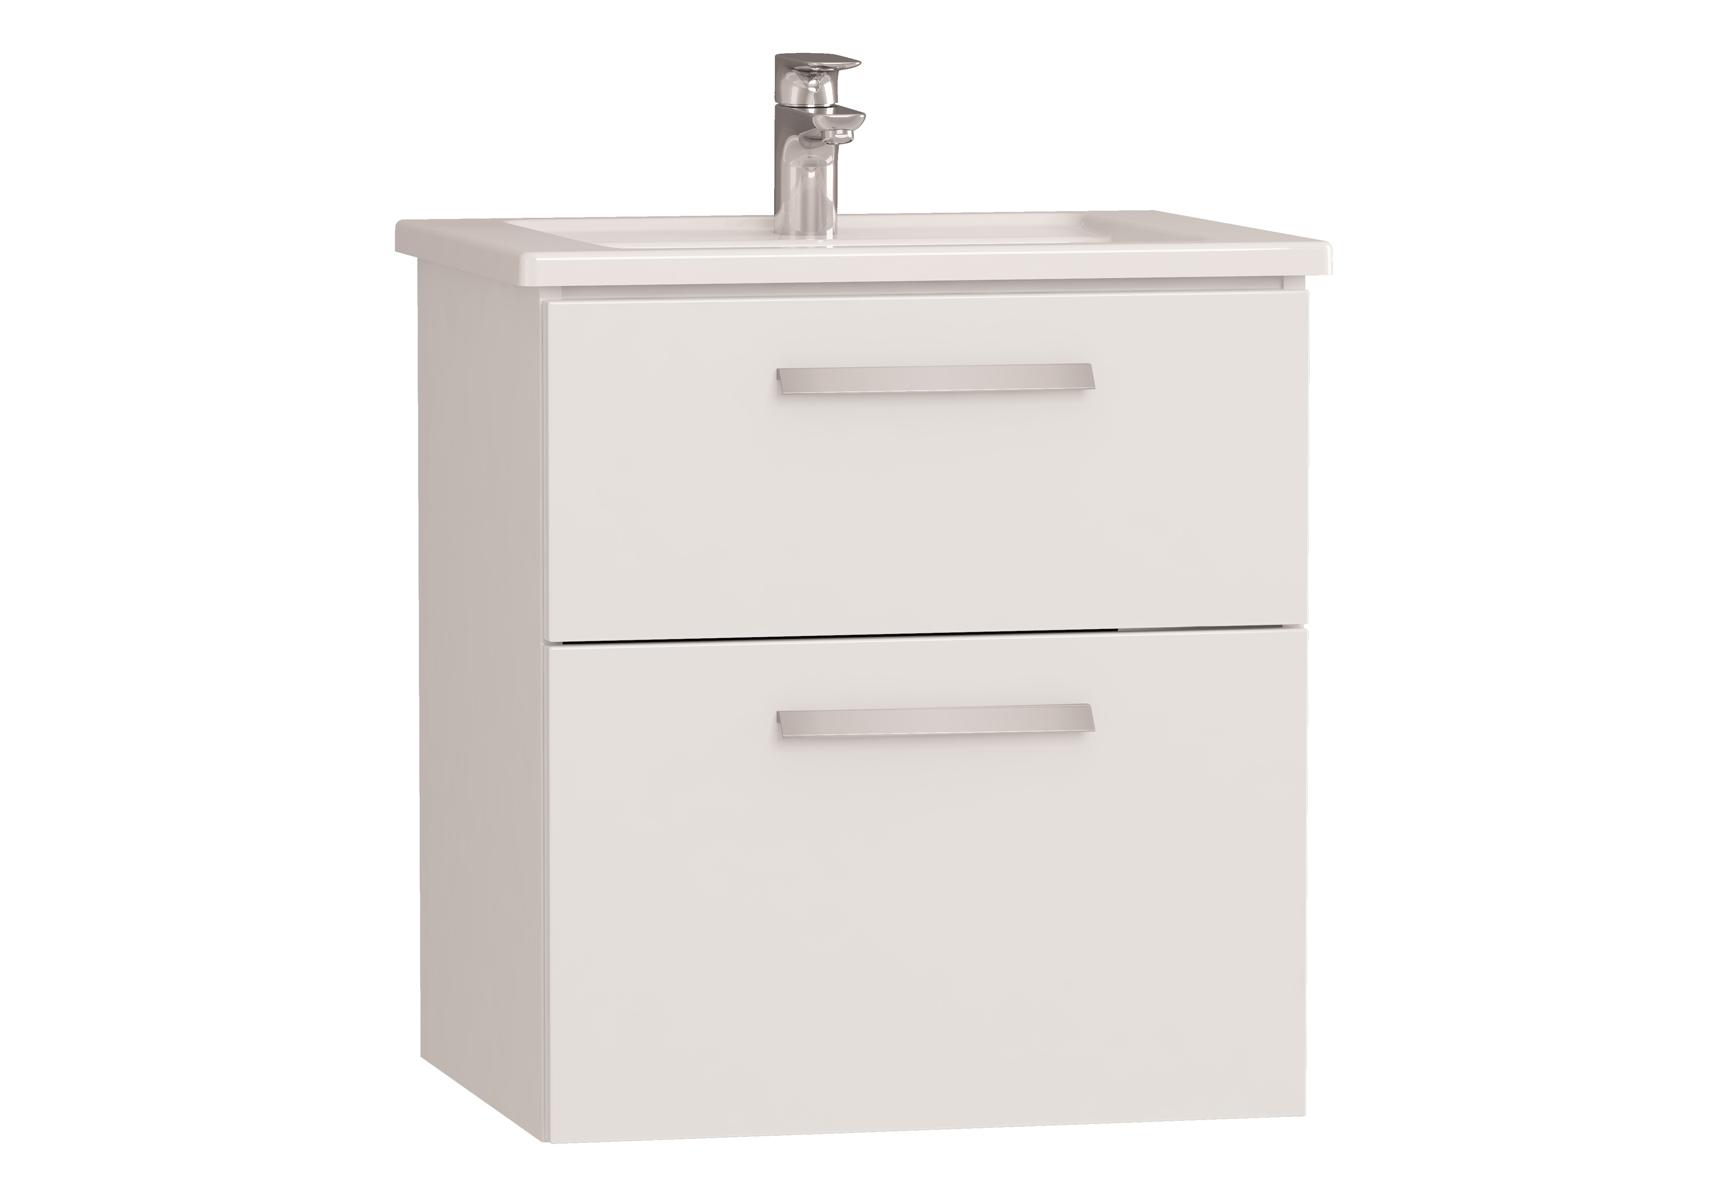 Integra meuble avec plan céramique avec deux tiroirs, 60 cm, blanc haute brillance